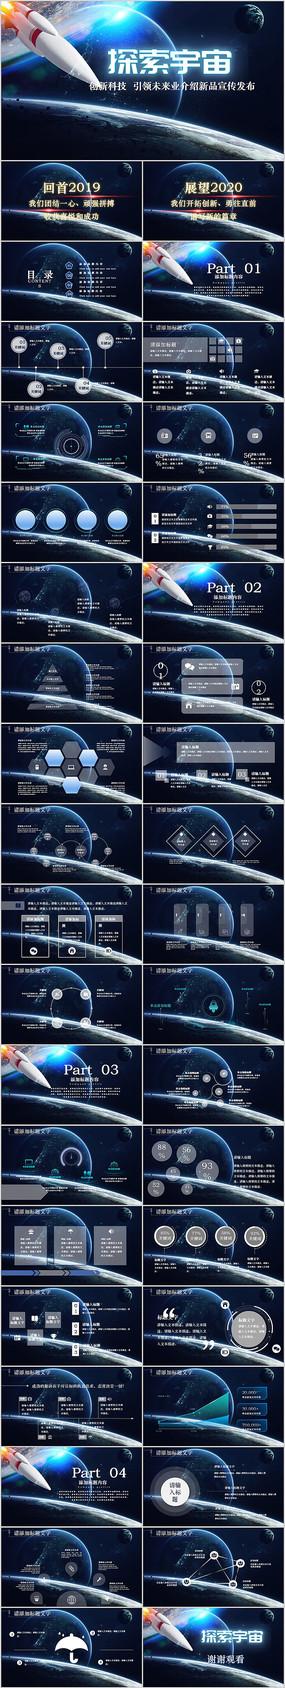 中国航天科技卫星发射探索宇宙科技ppt